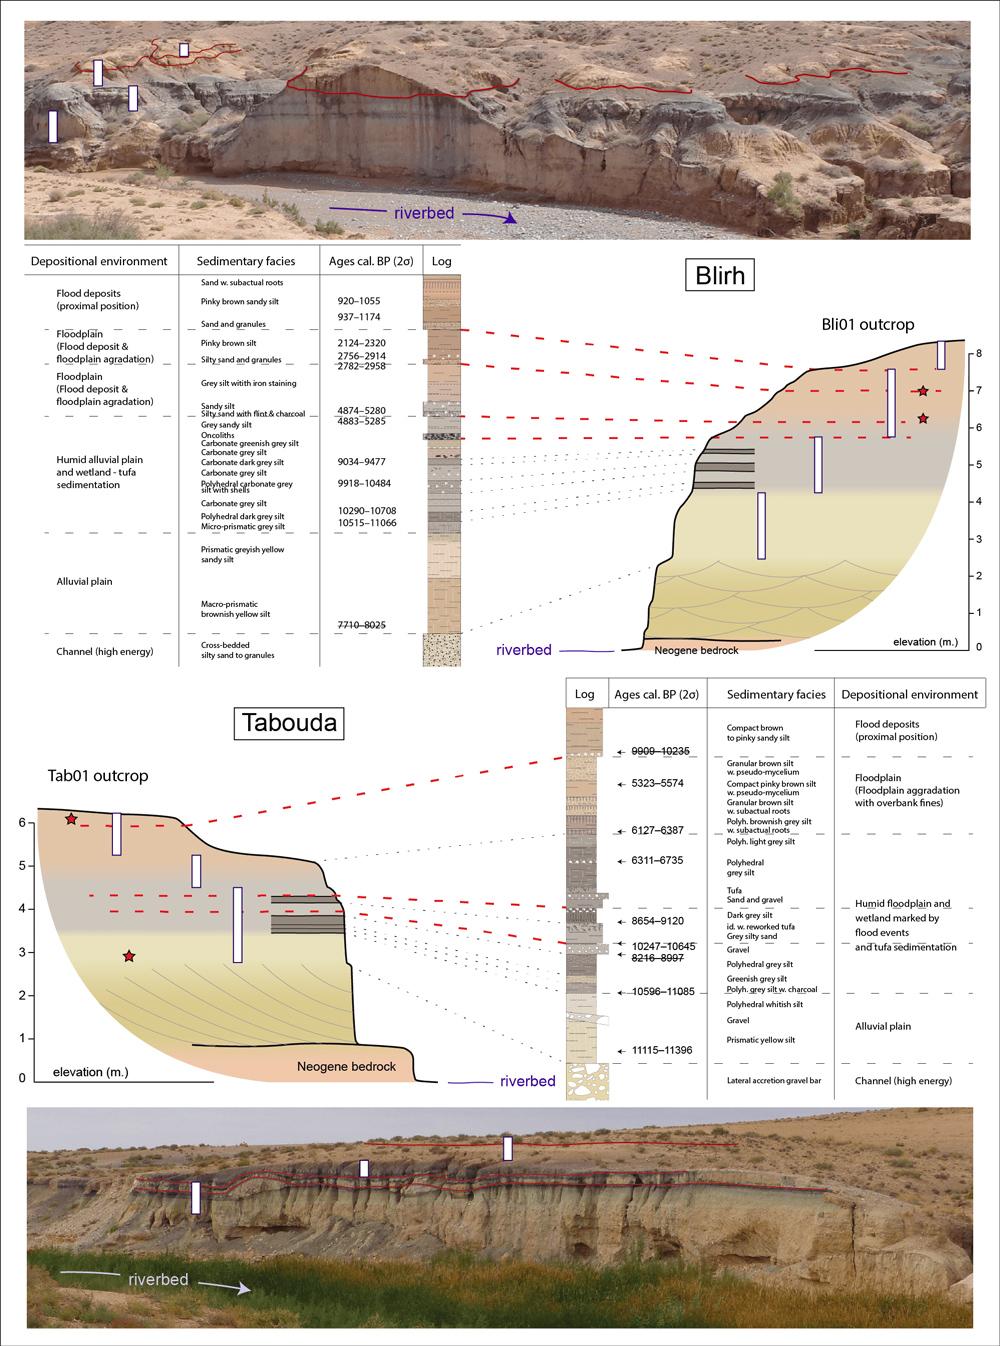 Les dépôts de l'Holocène ancien et moyen de Tabouda et Blirh (© B. Depreux, D. Lefèvre, J.F. Berger.)